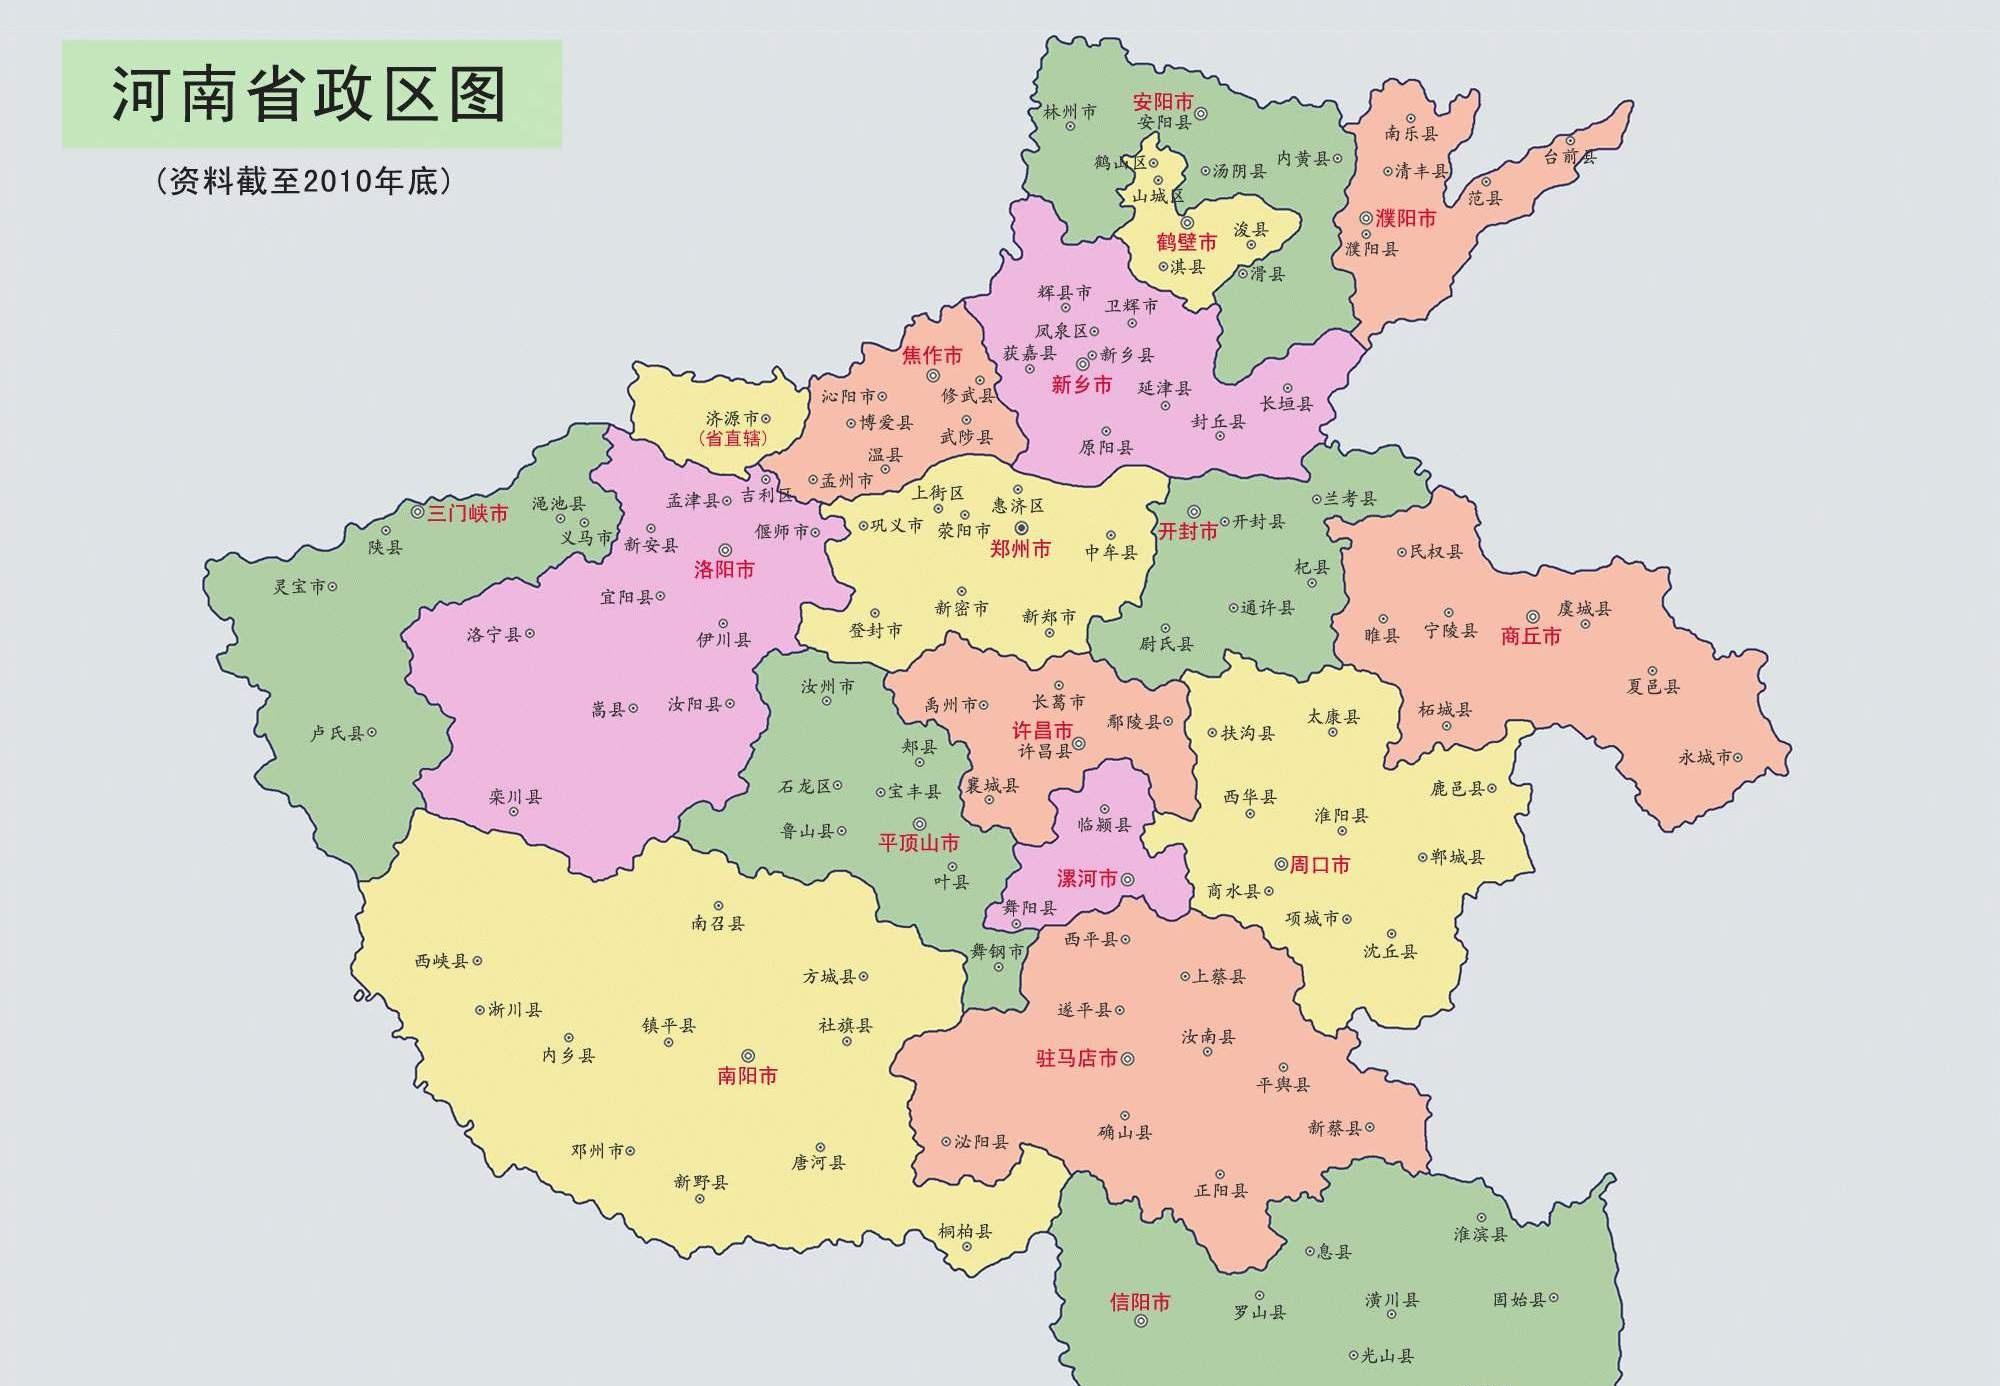 河南省和江西省面积一样大,为什么人口相差这么多